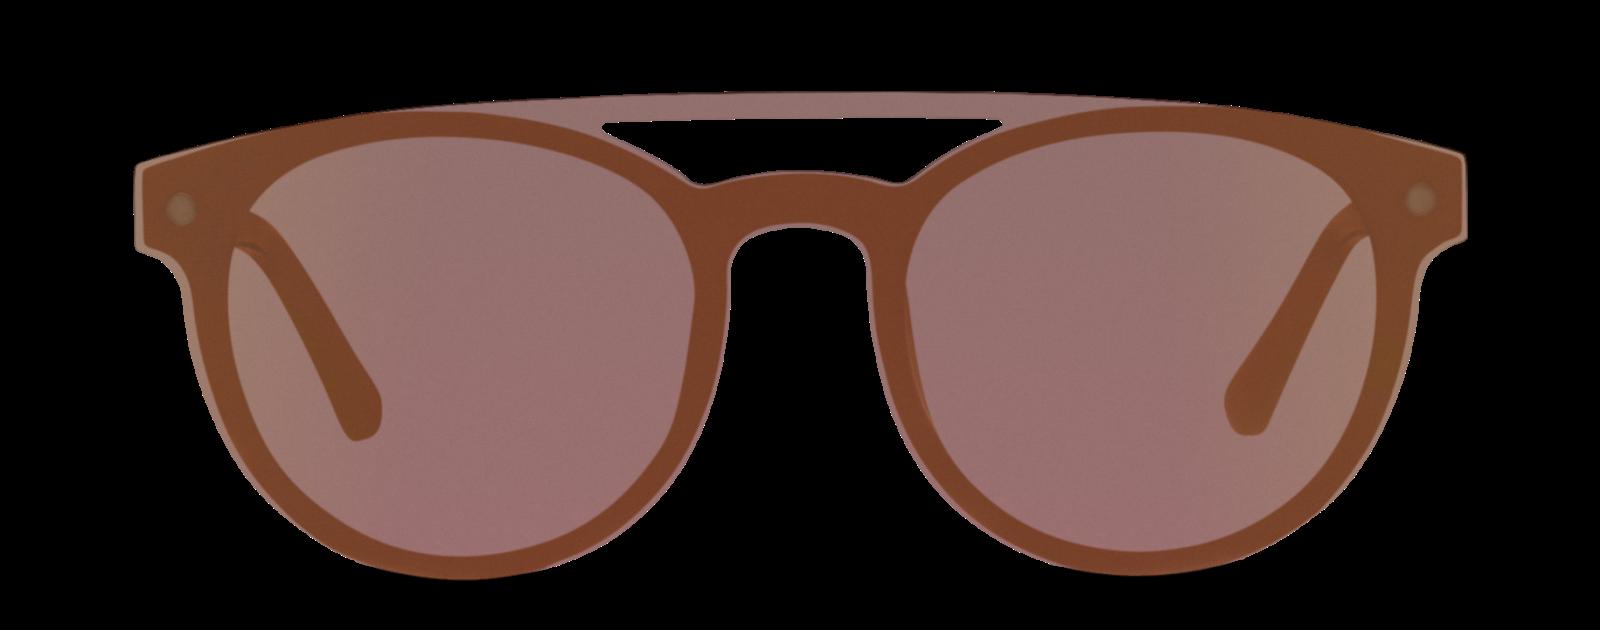 40bea23de Os óculos Mask da In Style estão disponíveis nas lojas GrandVision by  Fototica de todo o país e podem ser encontrados por R$279,00 e R$299,00.